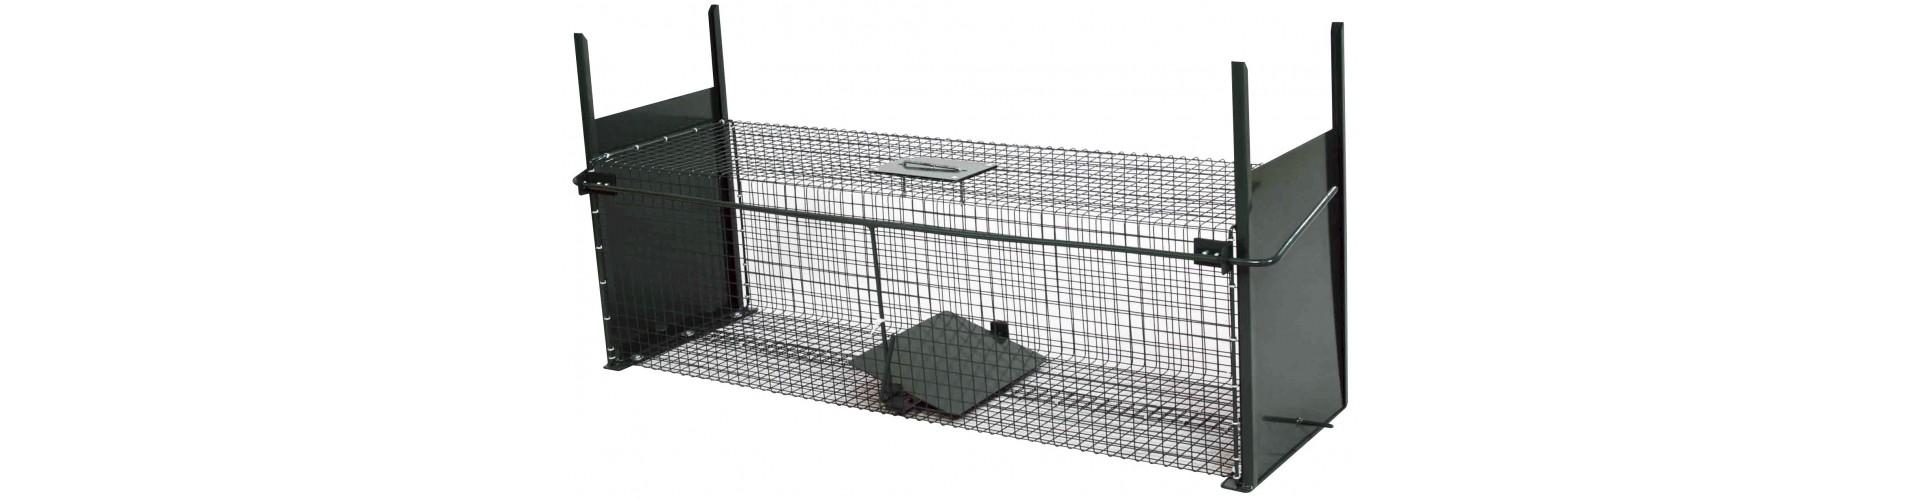 Fælder til skadedyr - Fælder til ræve, mår, mink og rotter